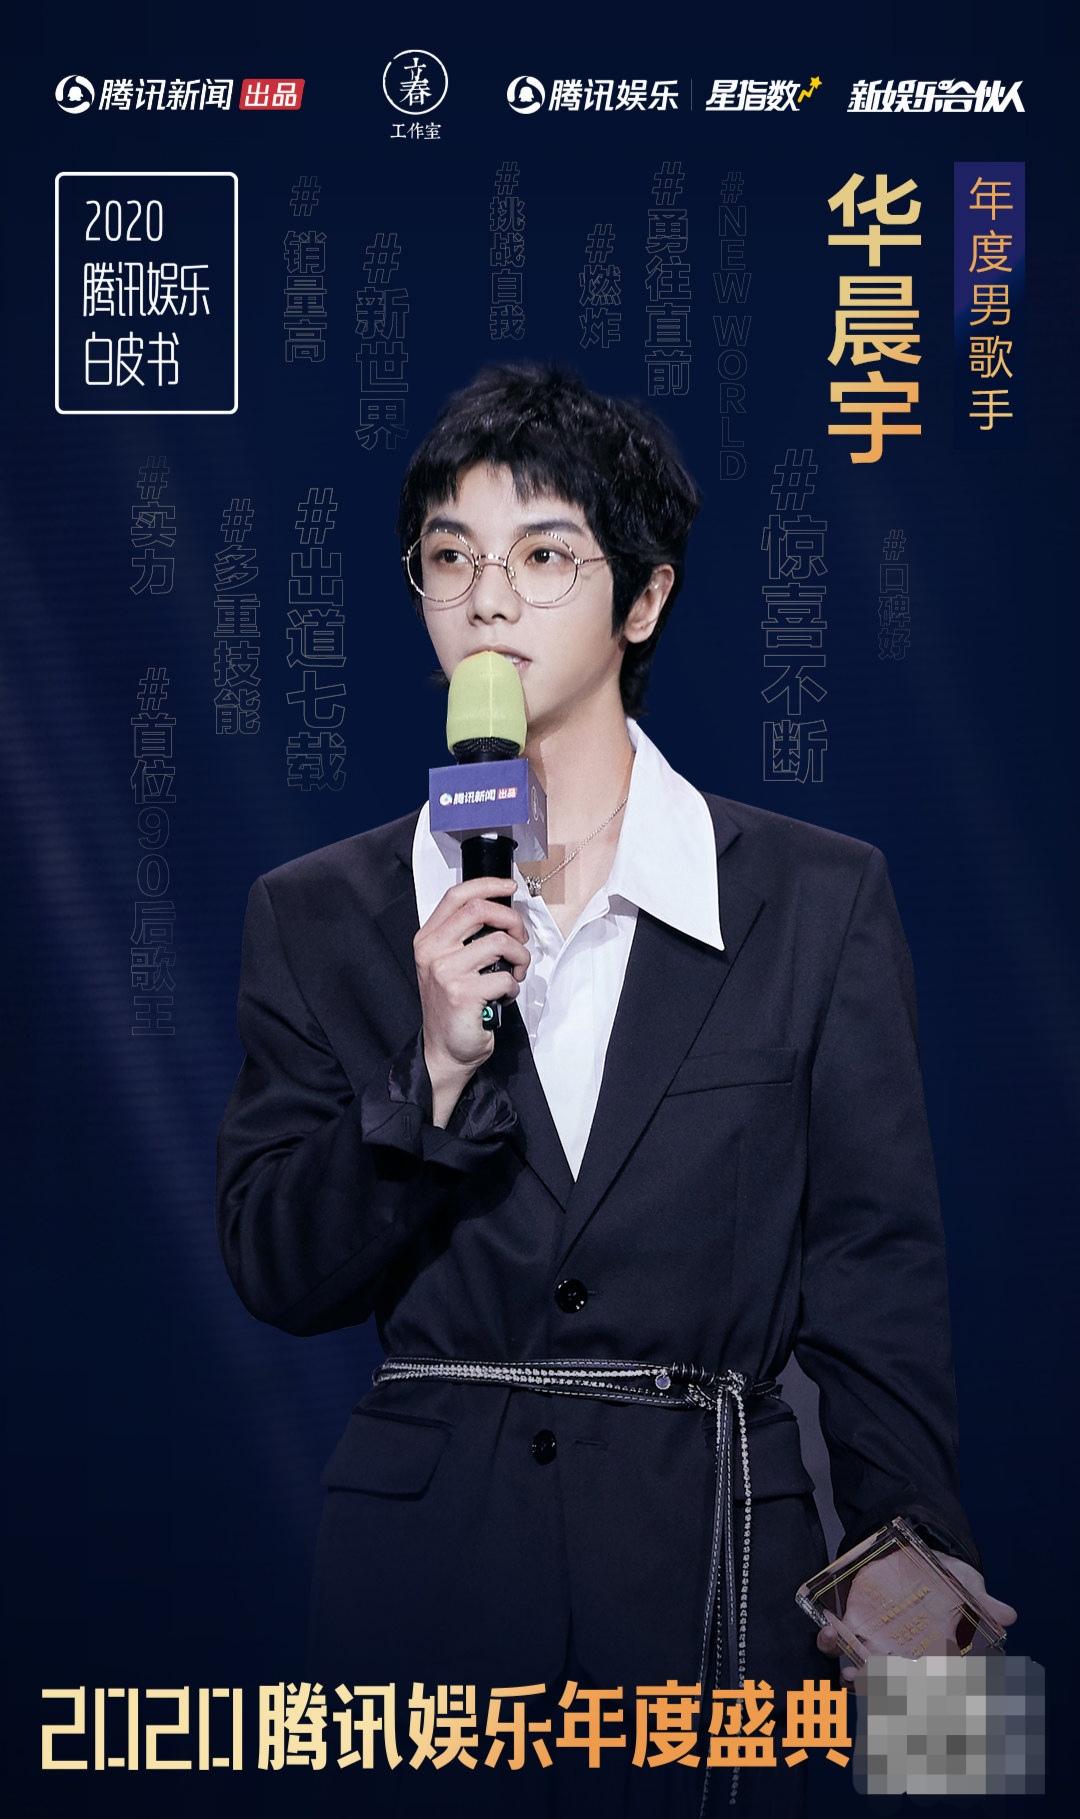 权威认证的年度歌手华晨宇,用实力诠释歌者力量